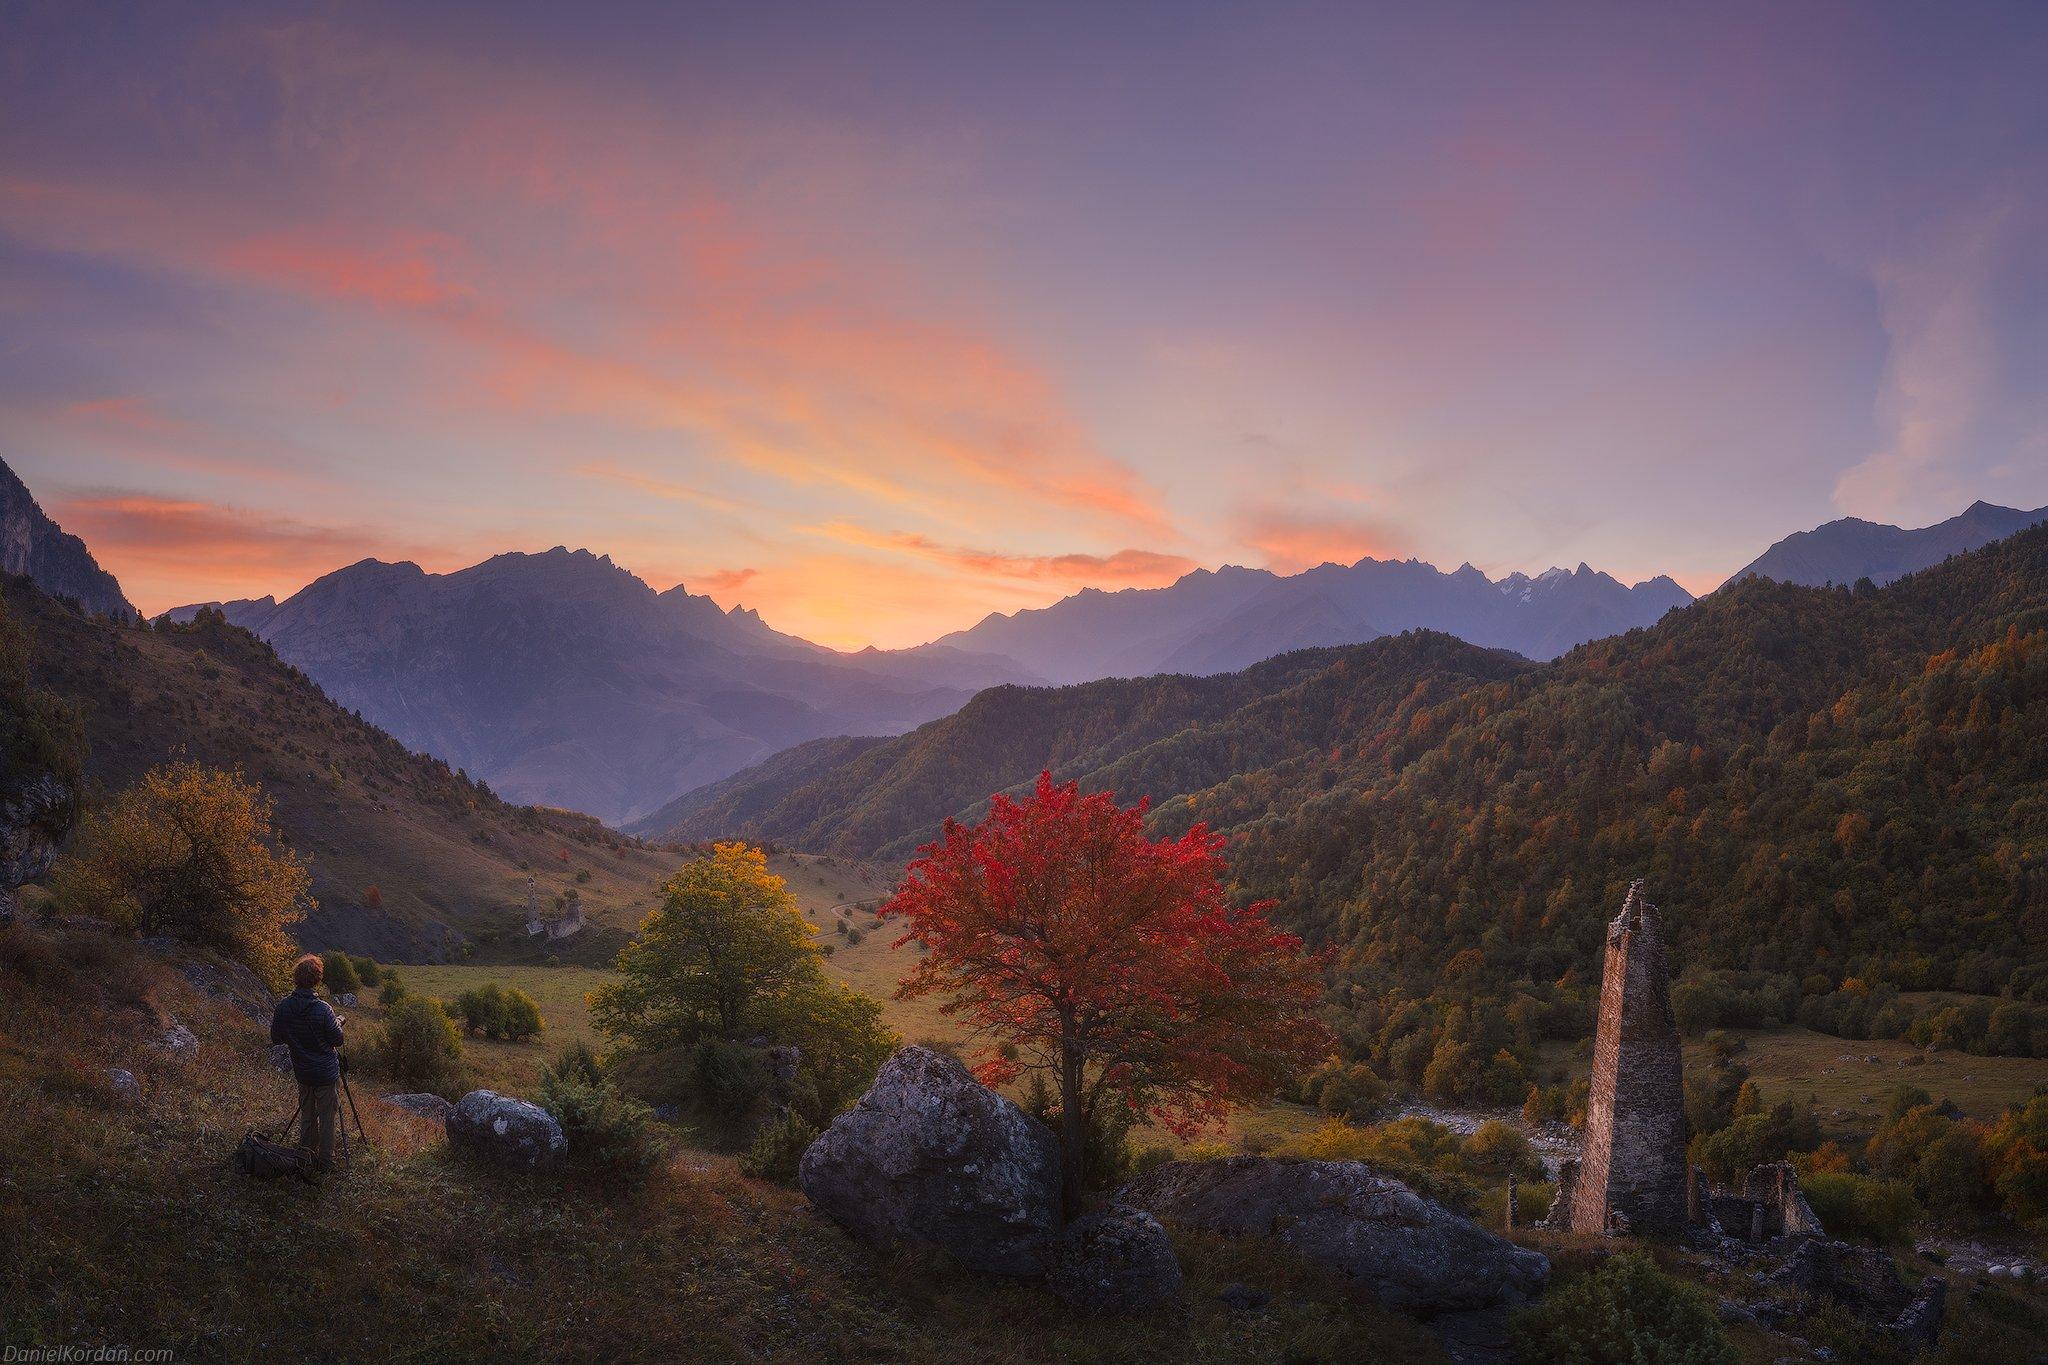 Ингушетия, Кавказ, Даниил Коржонов